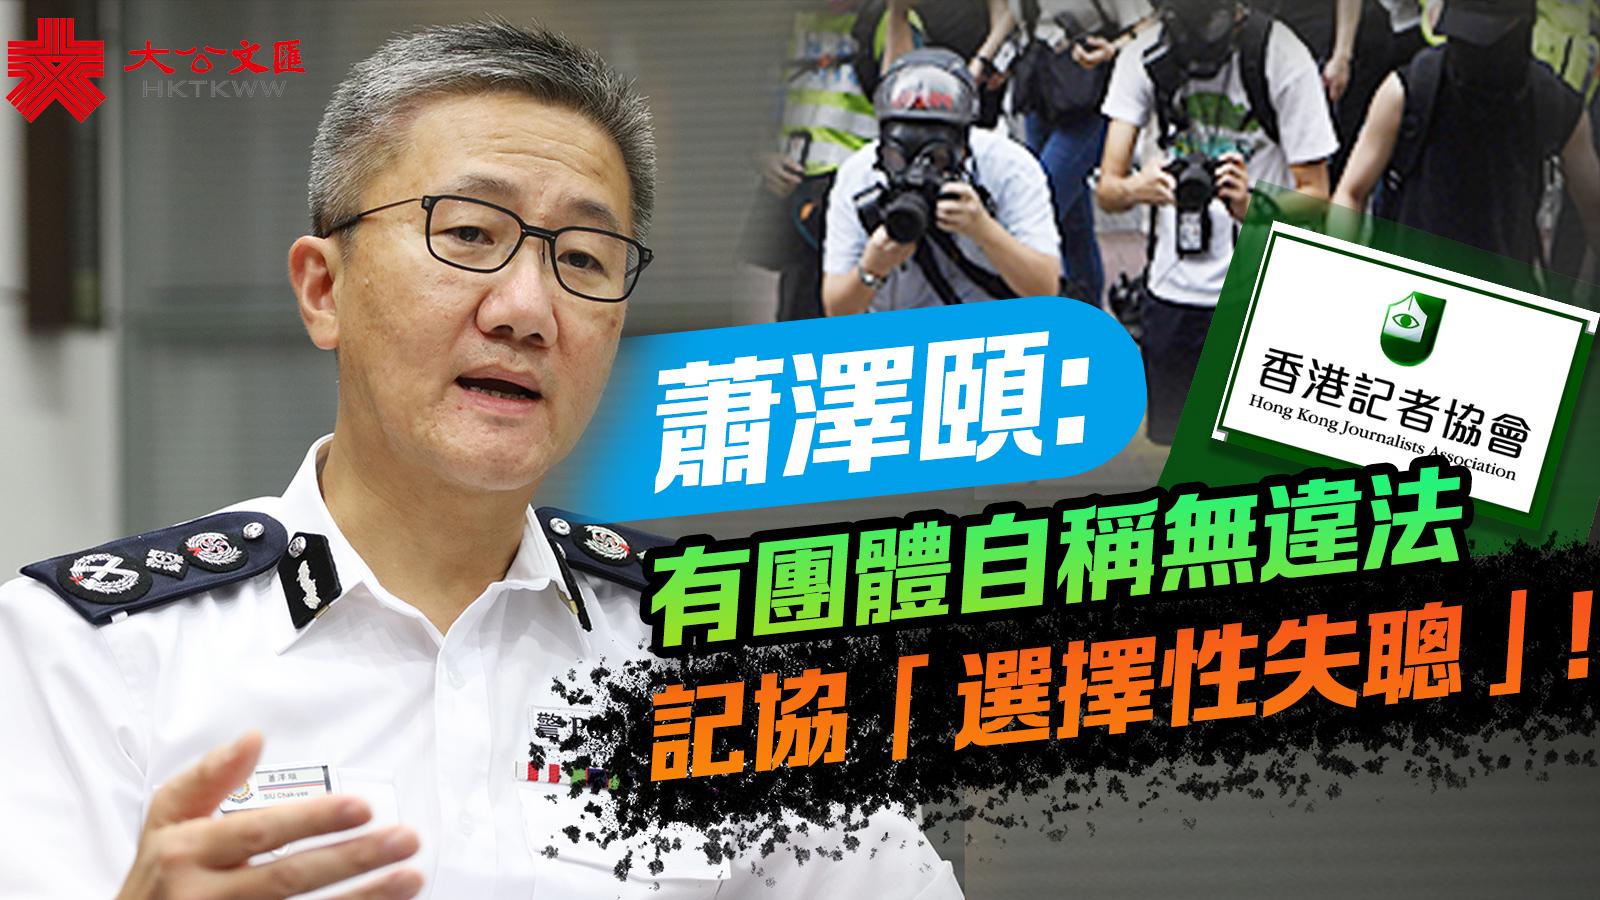 蕭澤頤:有團體自稱無違法 記協「選擇性失聰」